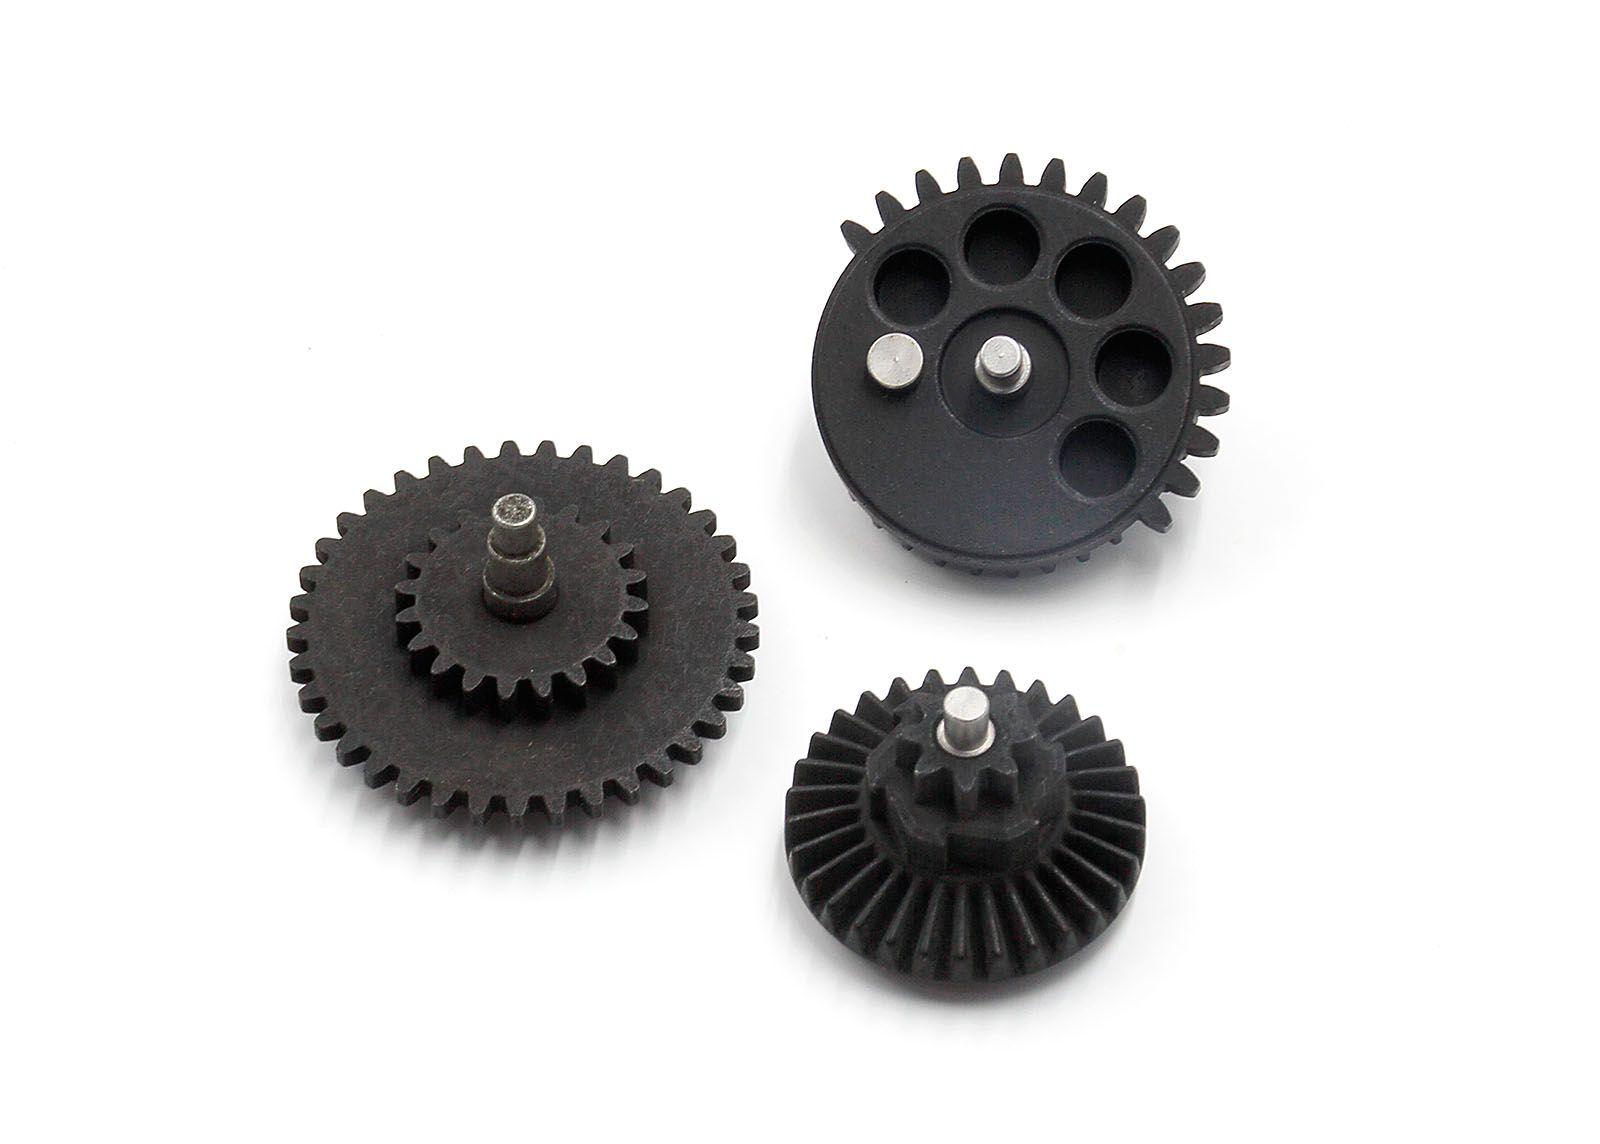 Kit de engrenagens em metal Torque 22.2:1 (V2 / V3 / V6 - Modify